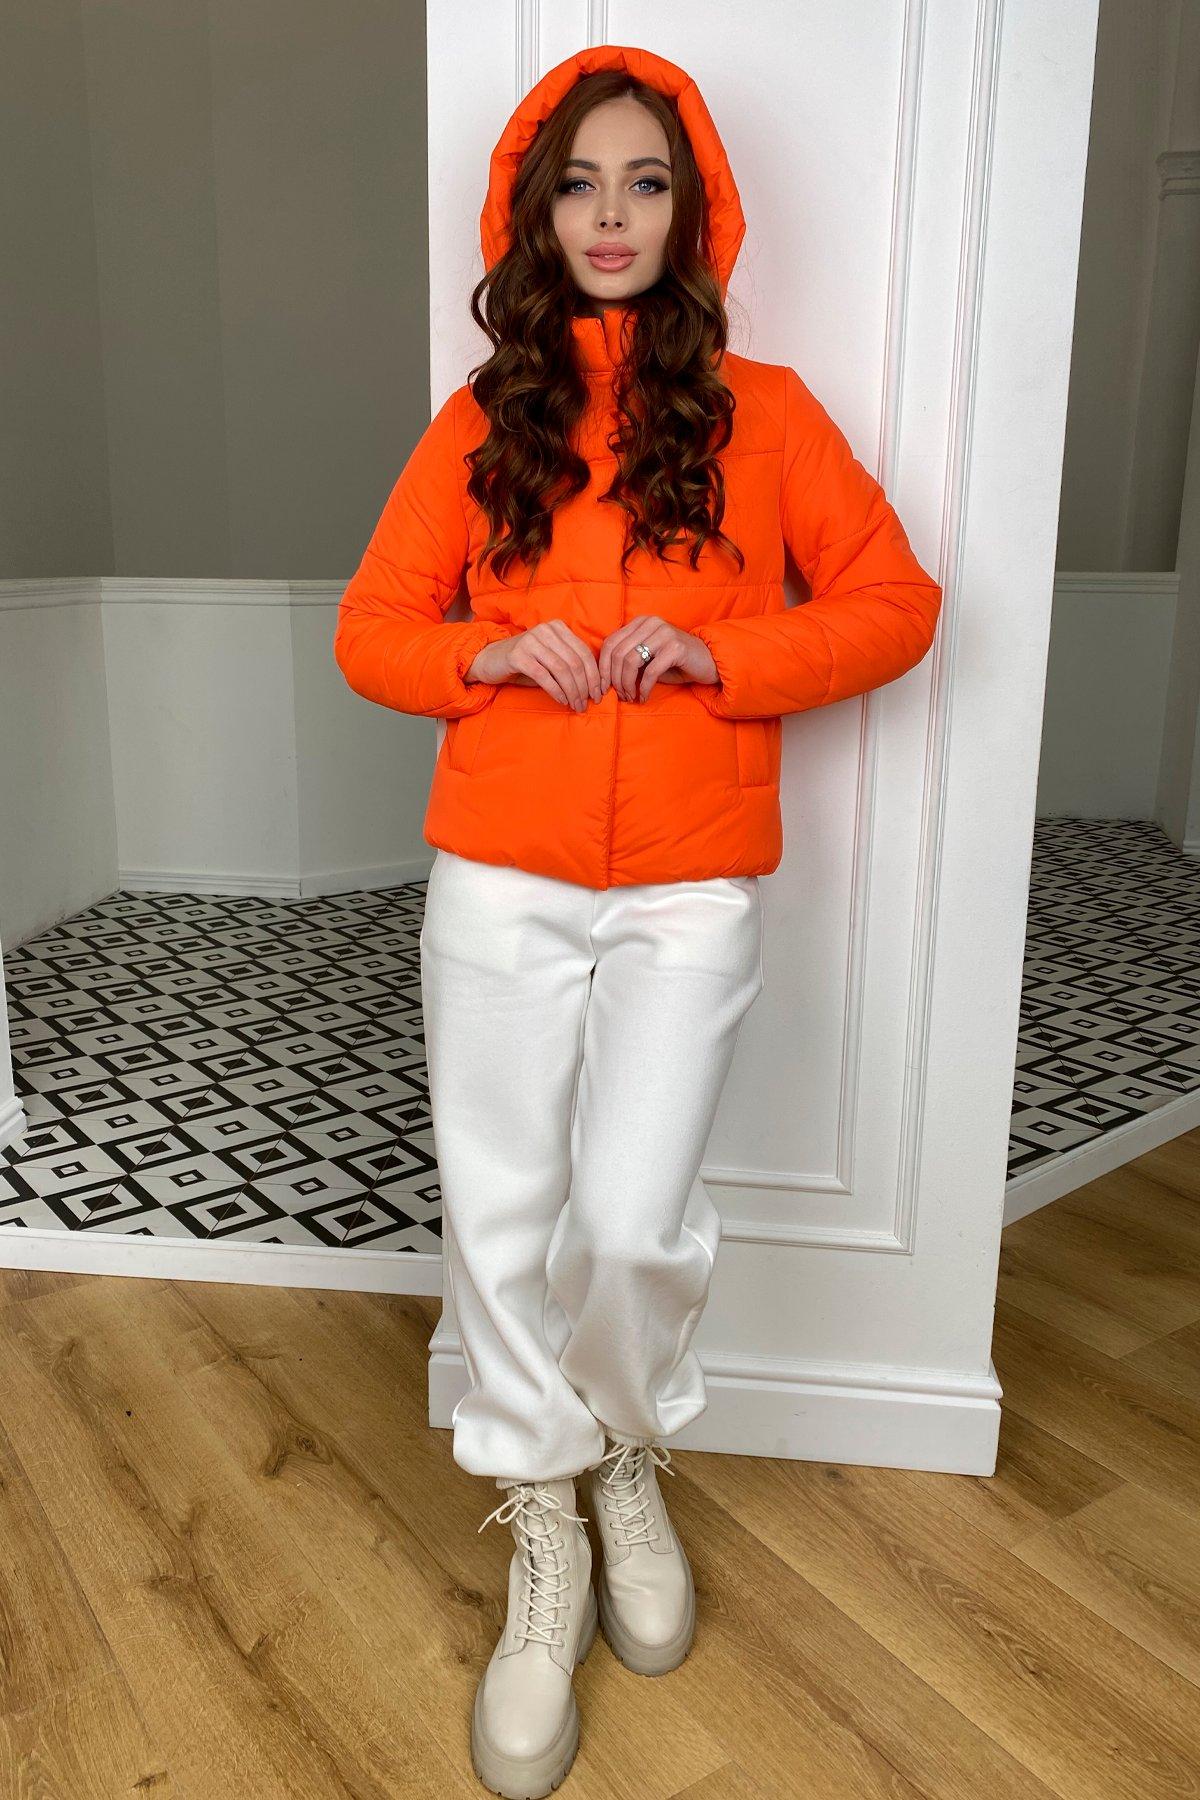 Рито  куртка из плащевой ткани Ammy  10443 АРТ. 46762 Цвет: Оранжевый 788 - фото 8, интернет магазин tm-modus.ru